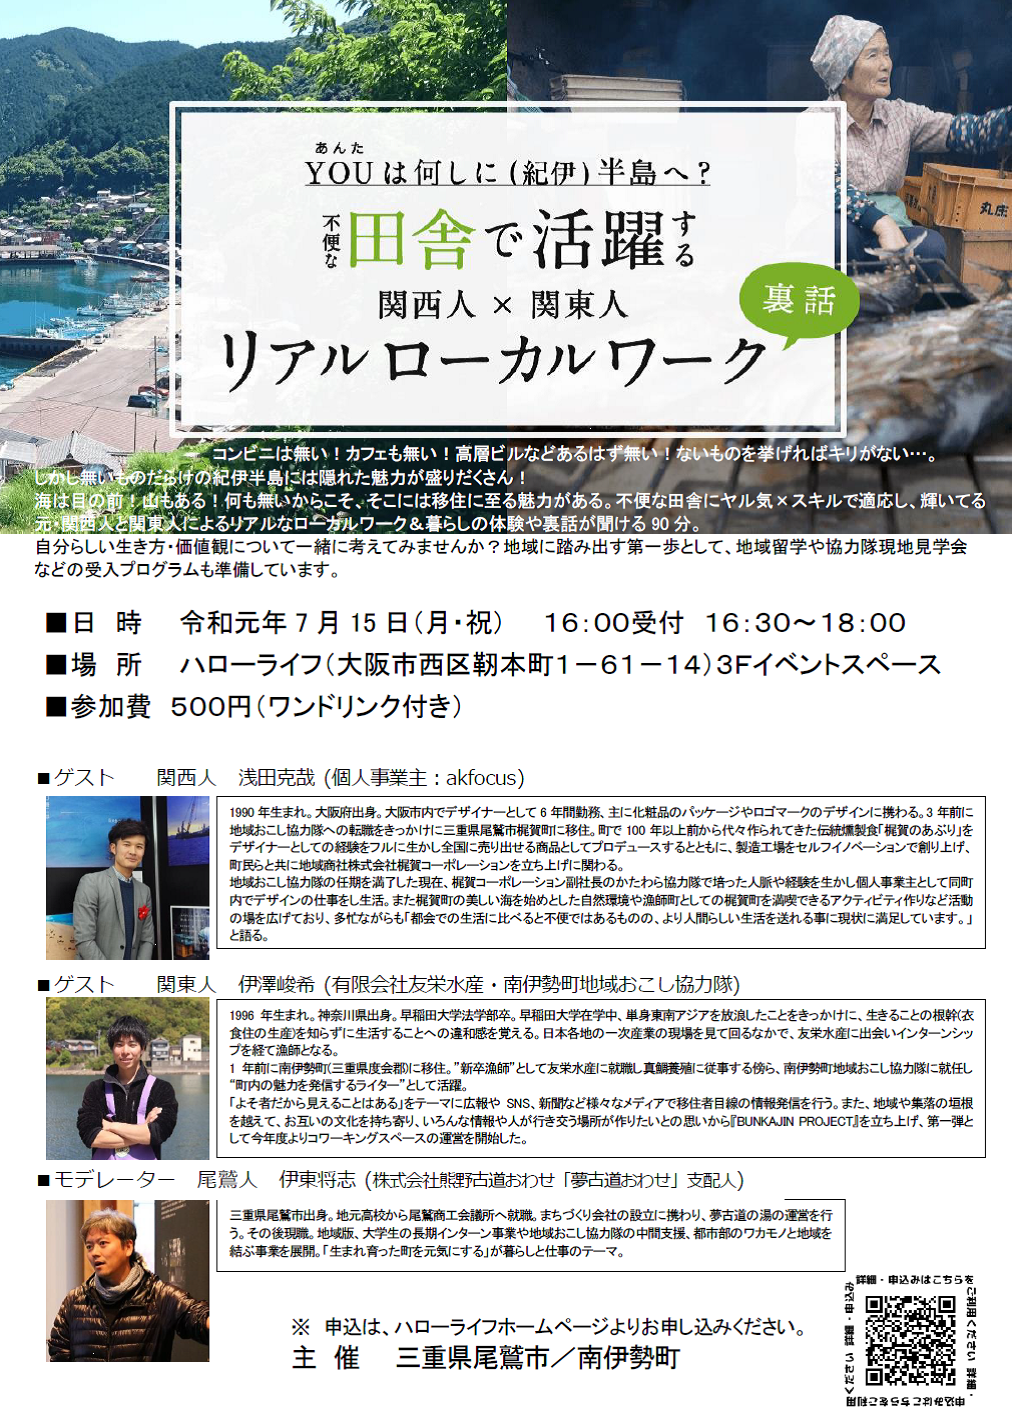 【7月15日(月・祝)大阪市】 【YOUは何しに(紀伊)半島へ?】 不便な田舎で活躍する関西人×関東人リアルローカルワーク裏話が開催されます!_写真1